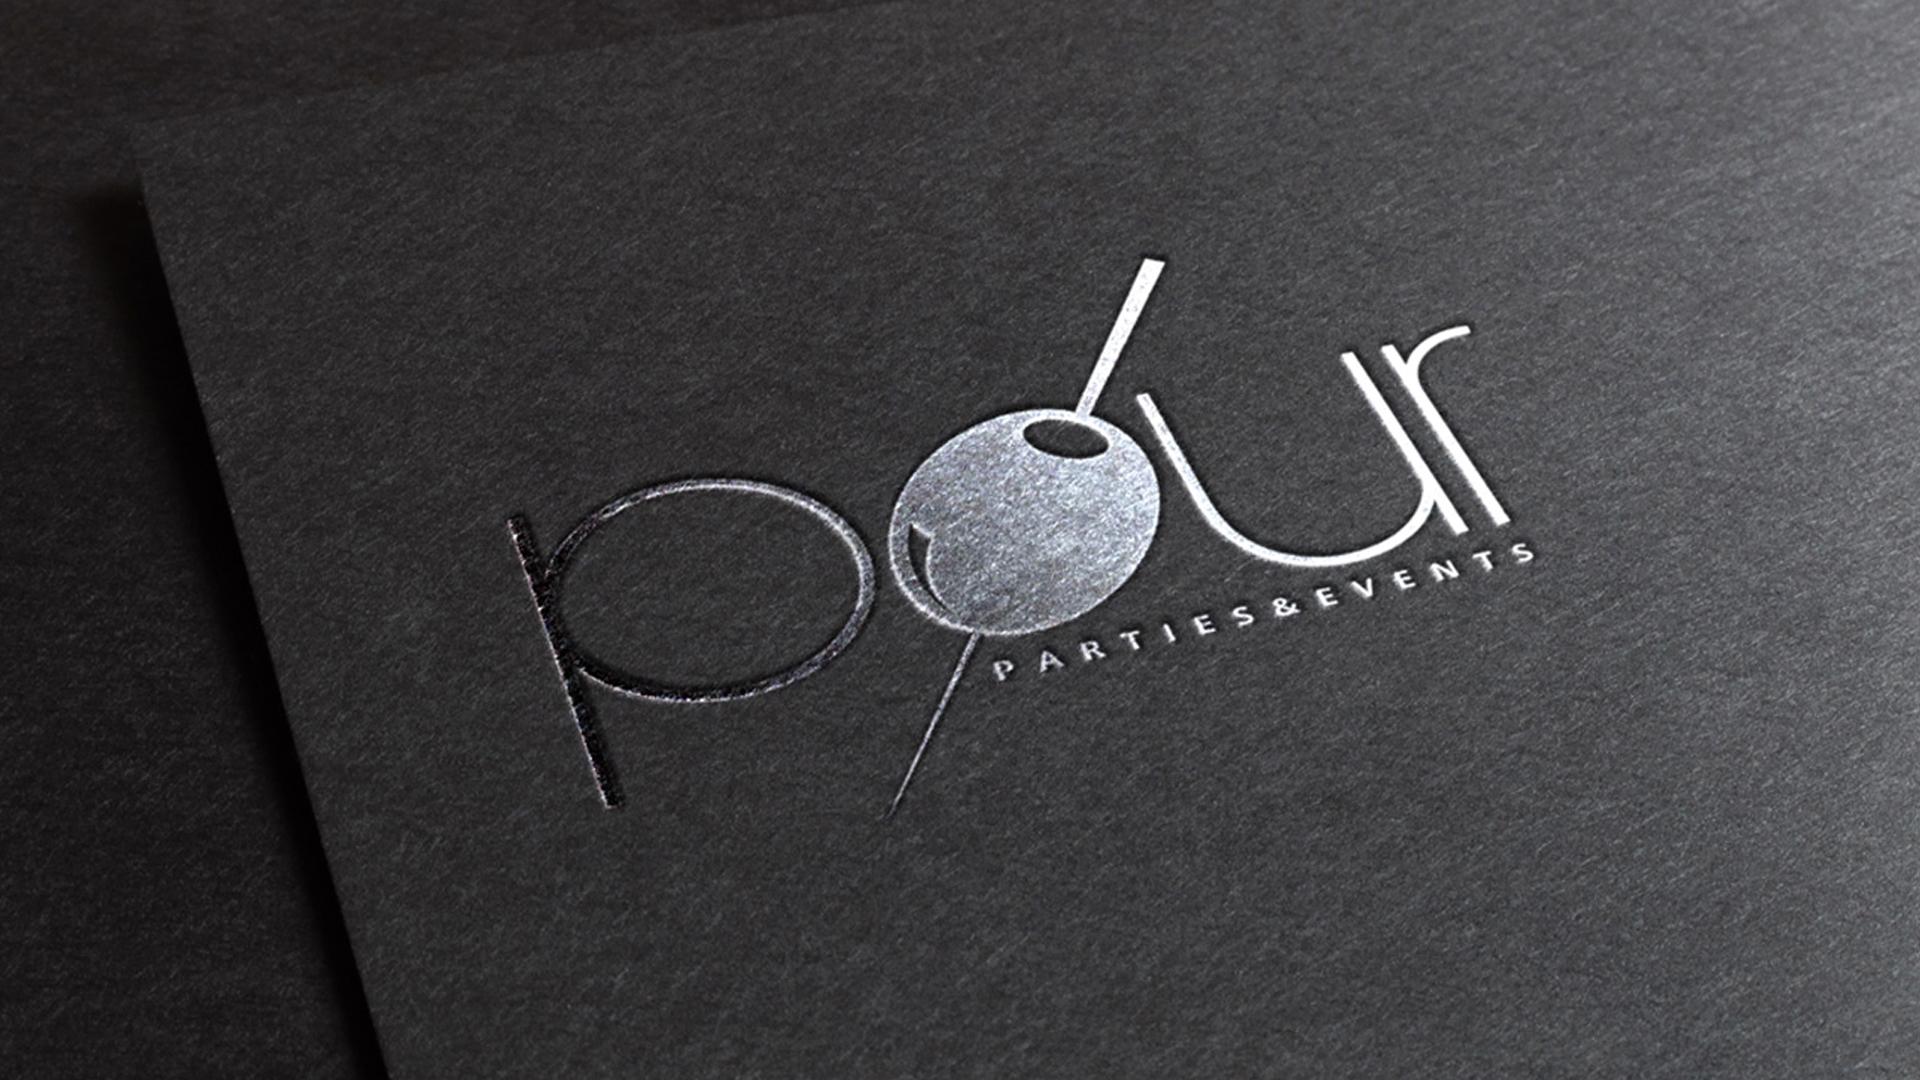 pour-parties-events-logo